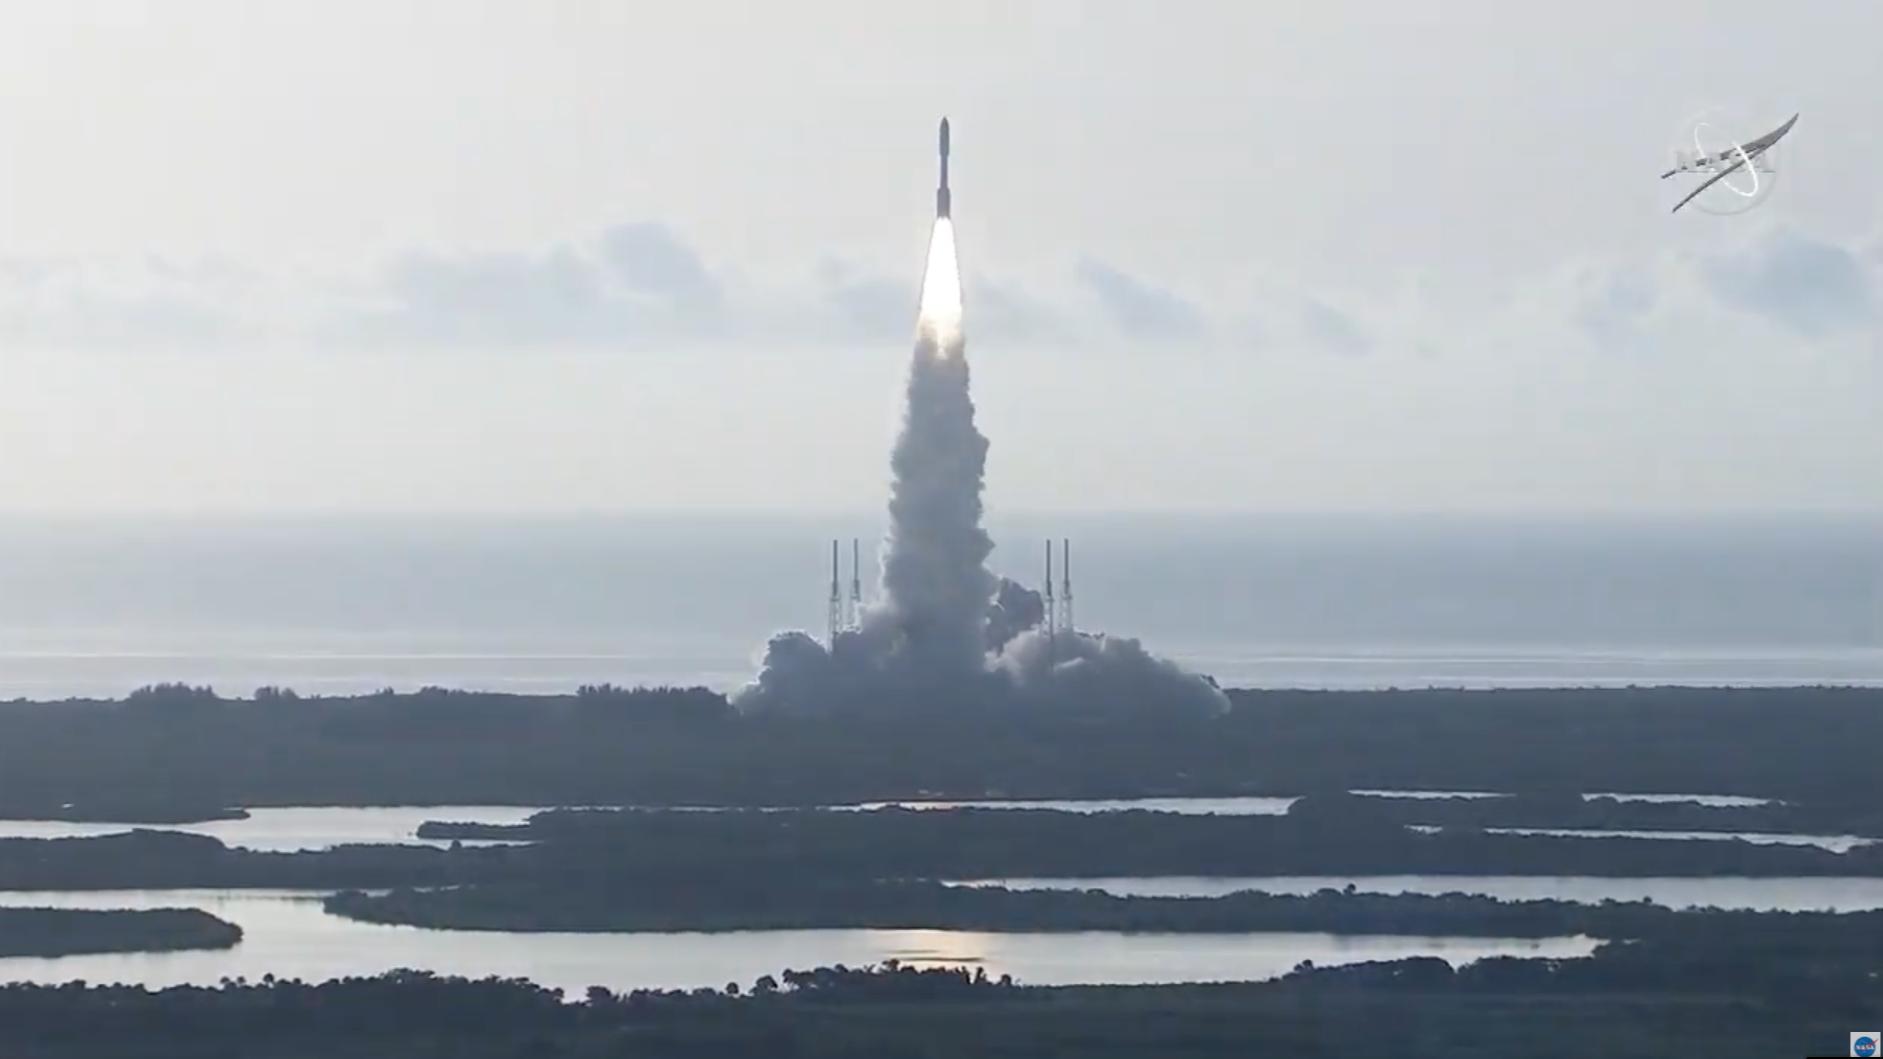 Ракета Atlas V успішно вивела на орбіту перелетіну платформу з апаратами, тепловим щитом і посадковим модулем